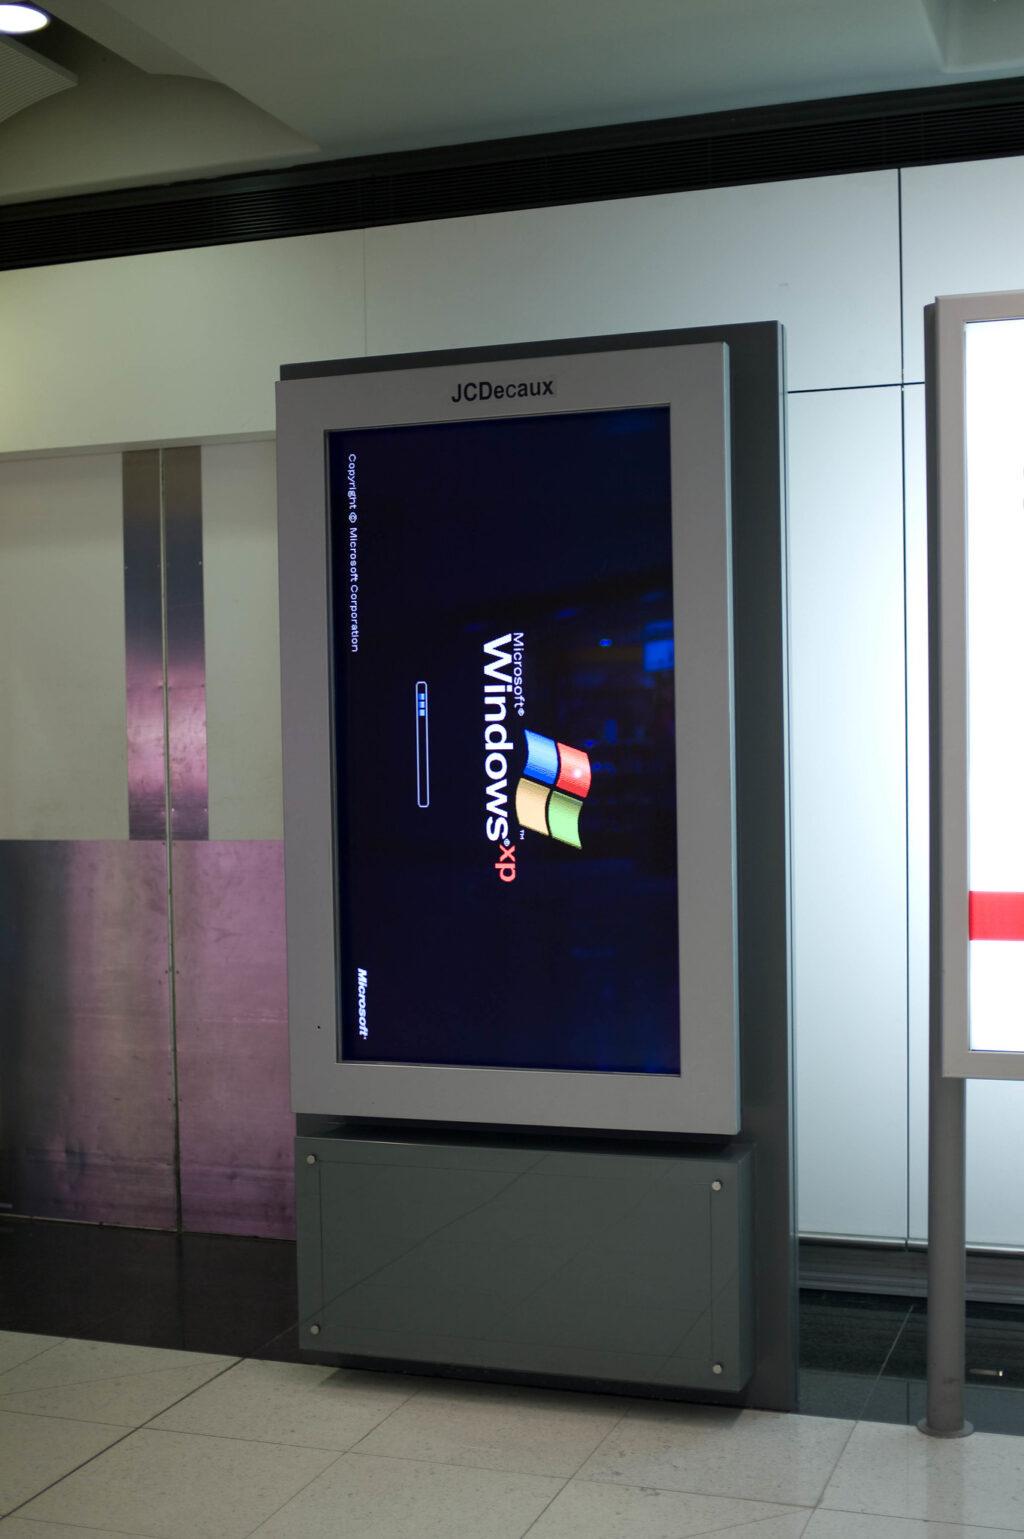 מסך פרסומת שרץ על חלונות XP 🖼️ ג'וי איטו (CC-BY)